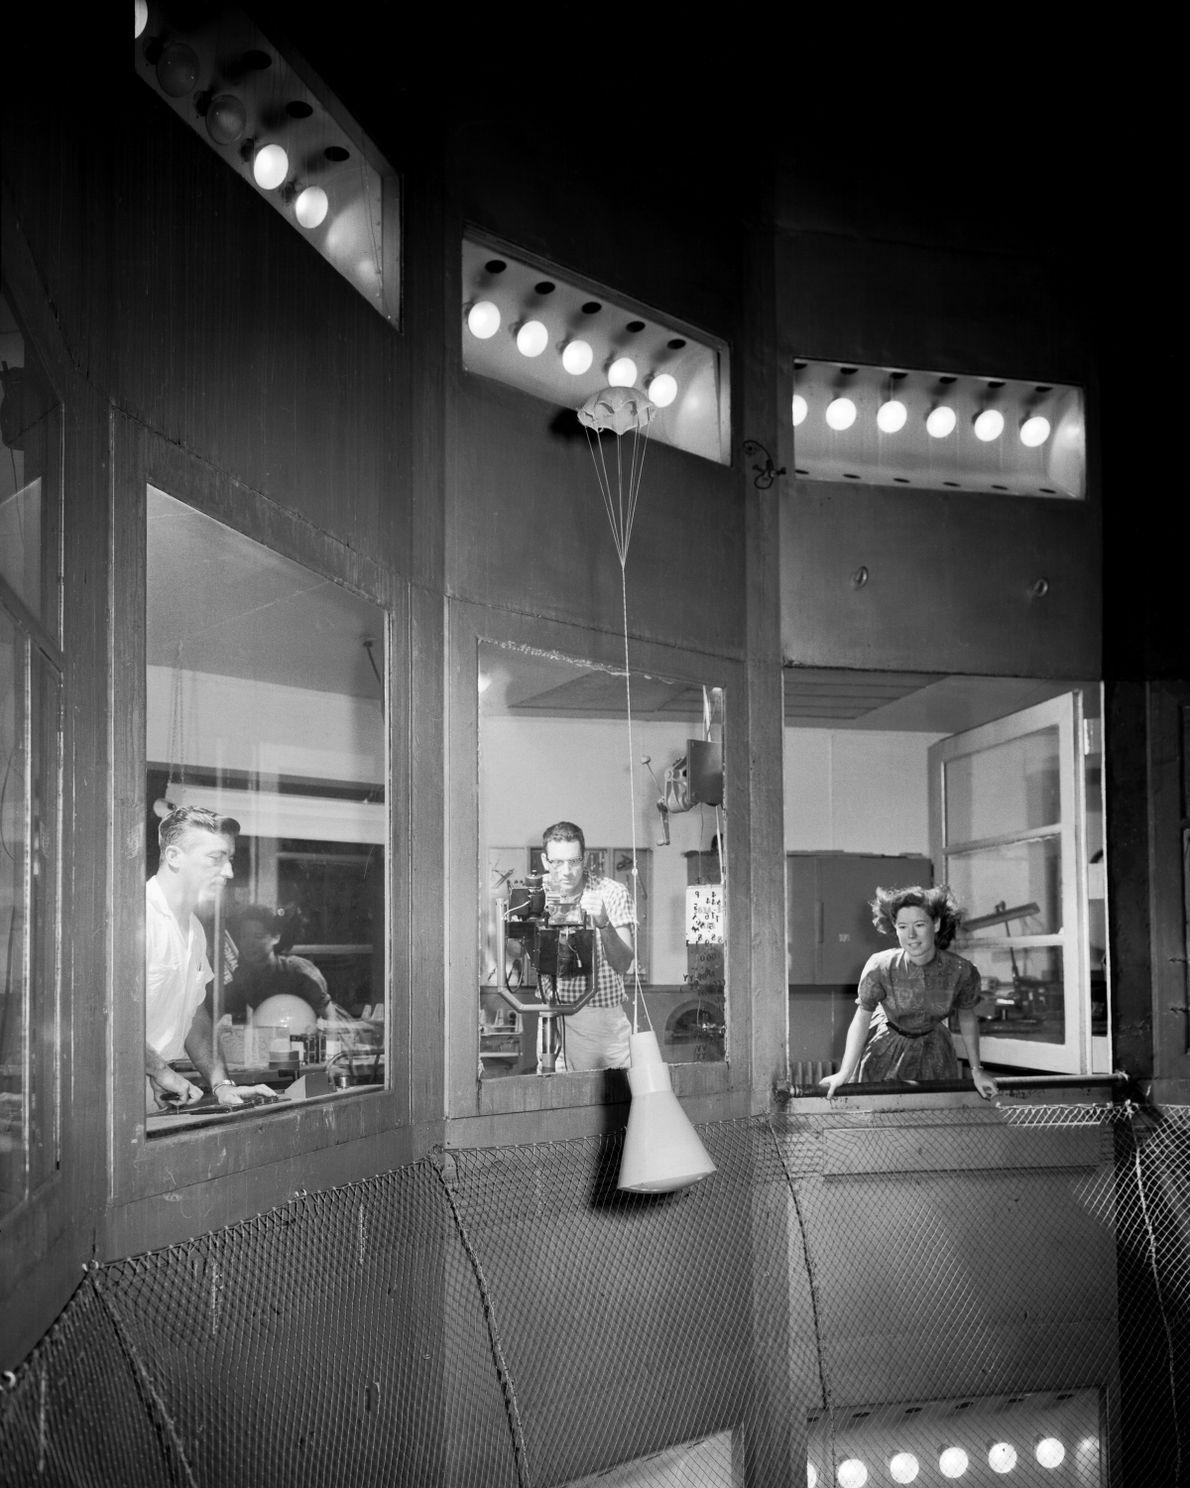 Um modelo da cápsula Mercury no Túnel Giratório do Centro de Investigação de Langley, em 1959. ...